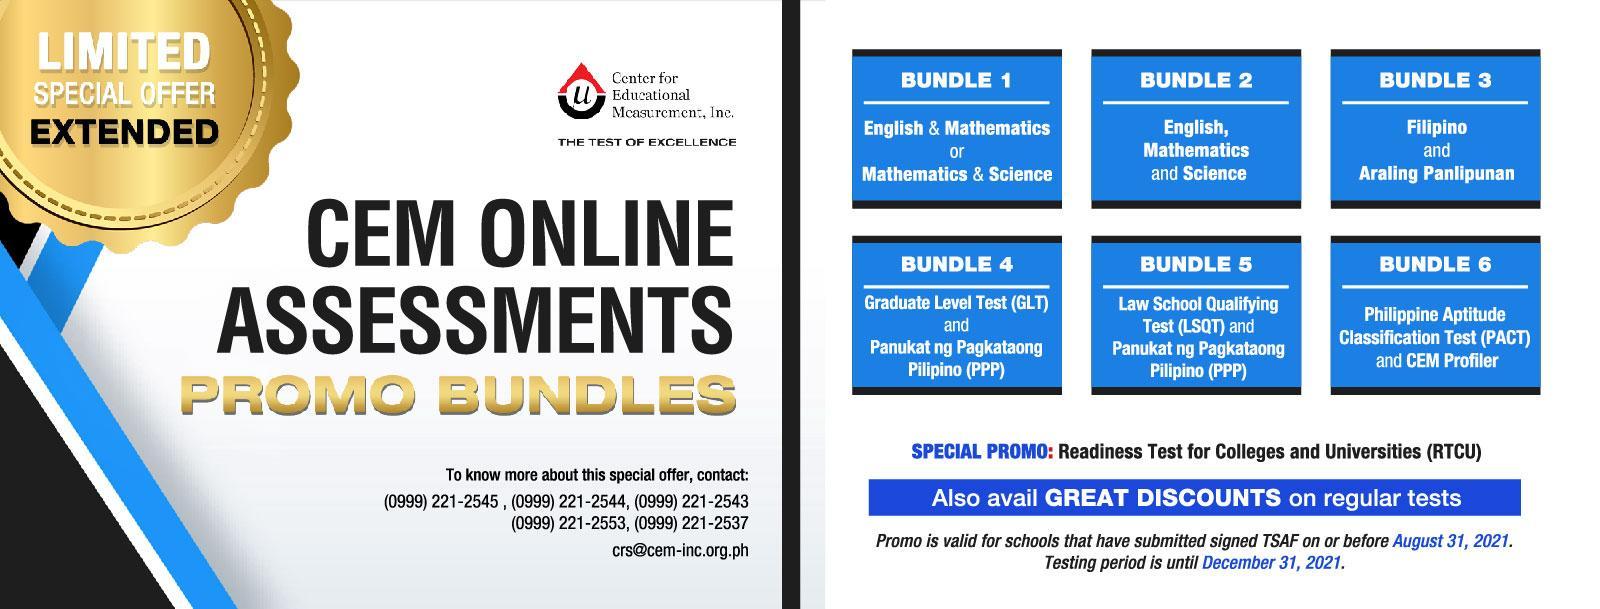 CEM Online Assessment Promo Bundles - EXTENDED!